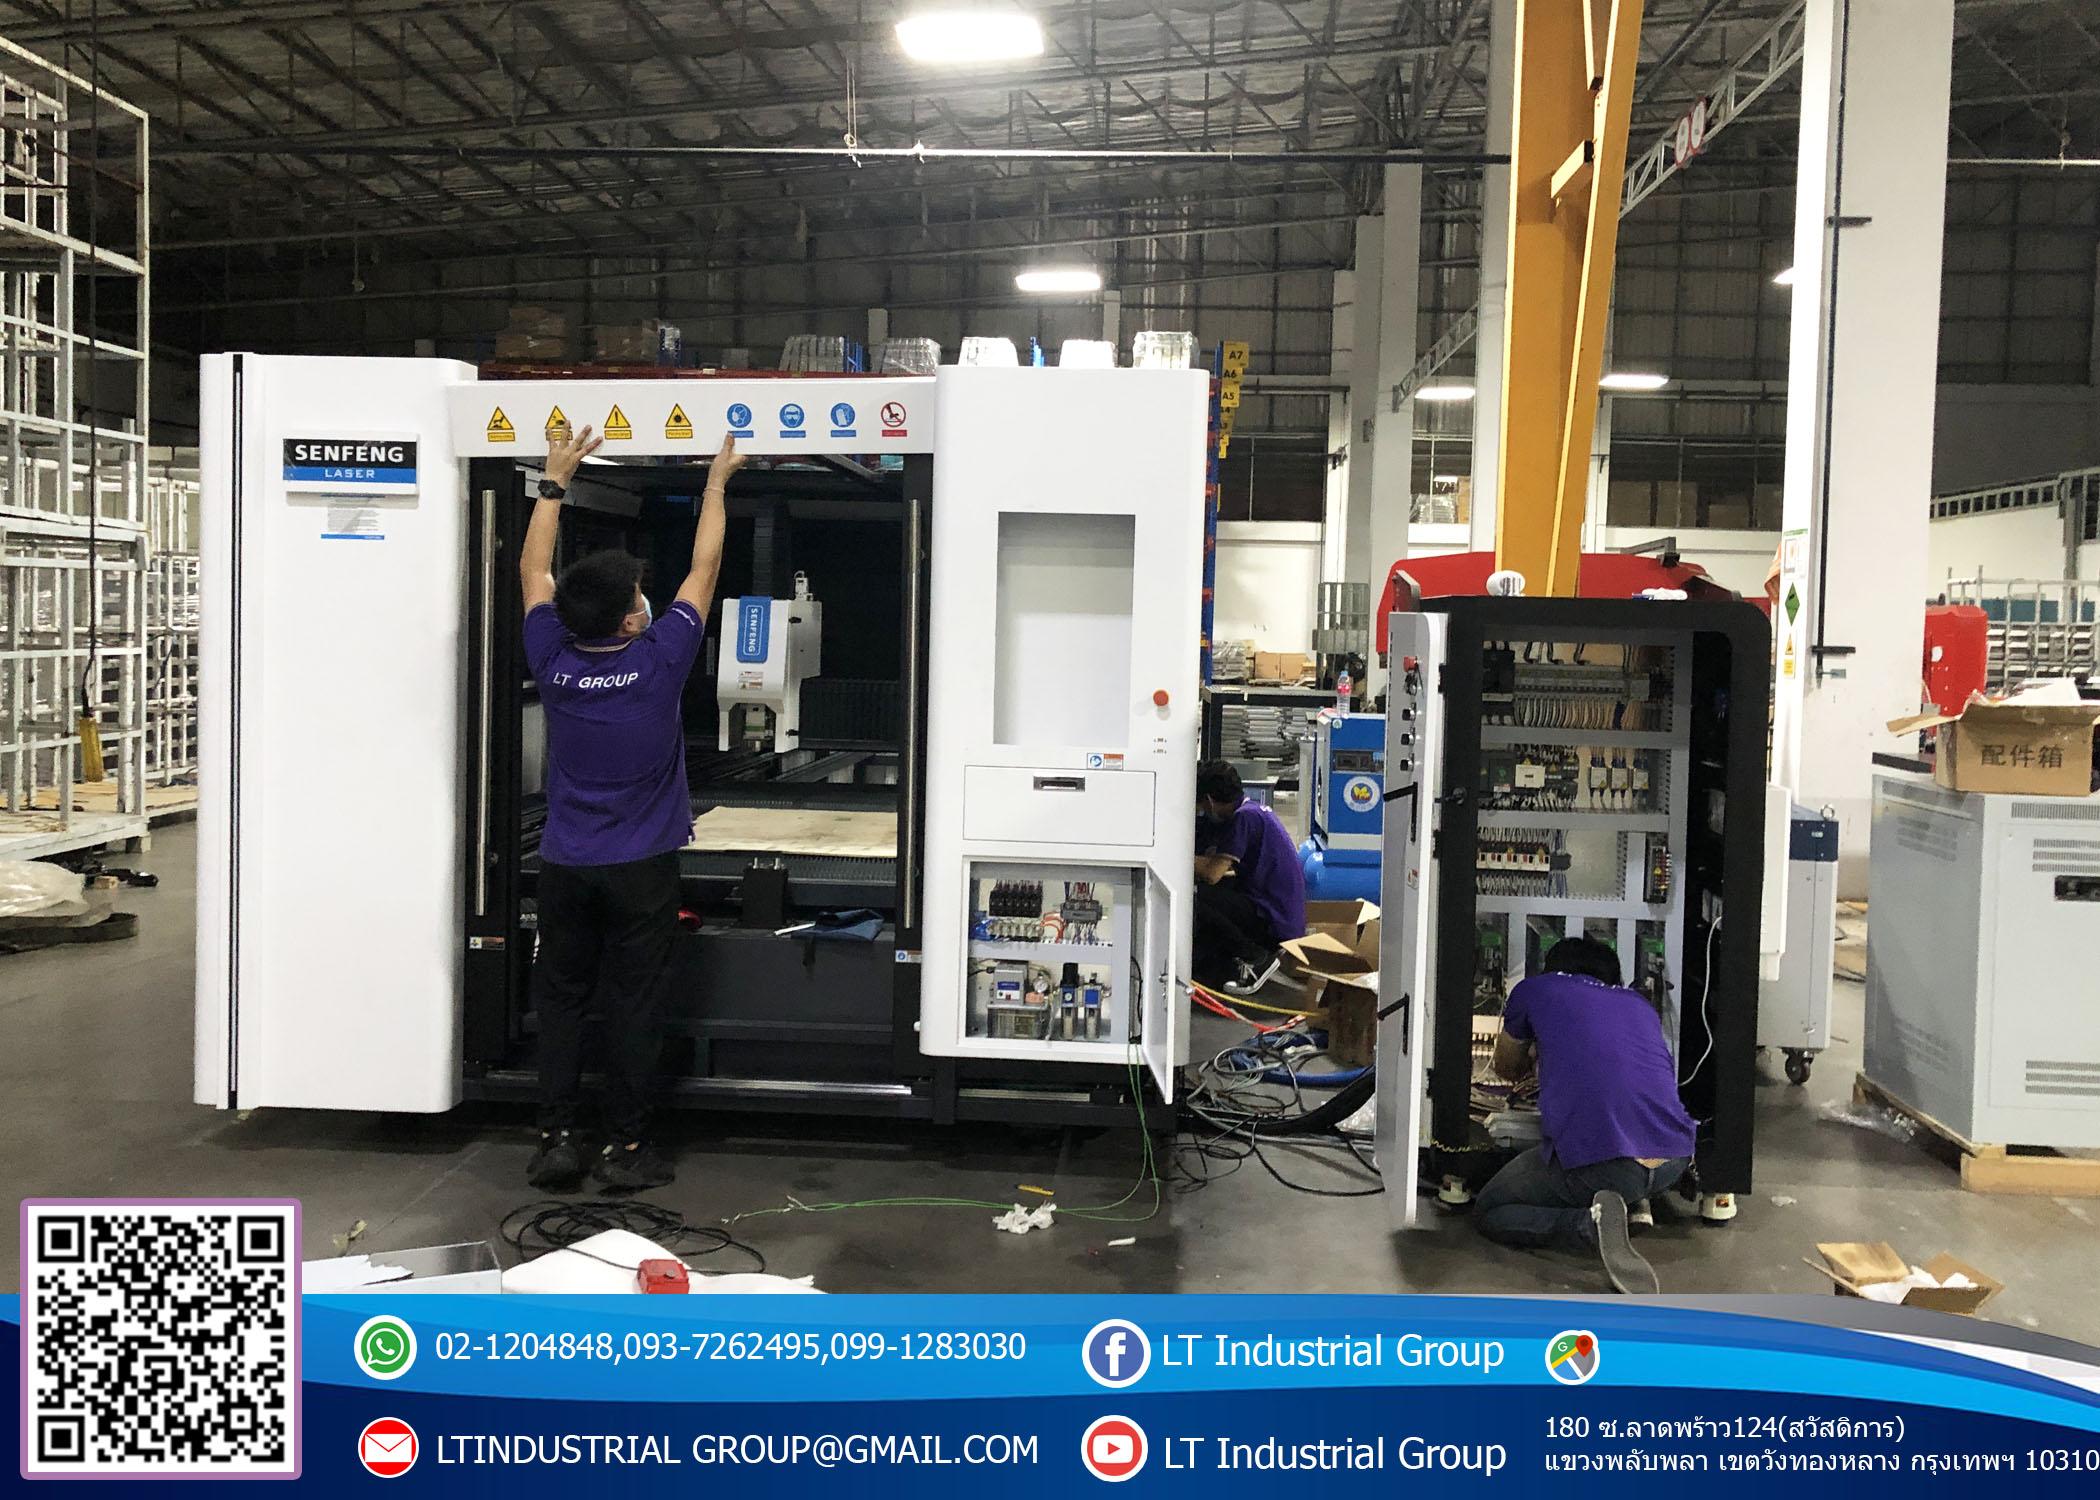 ส่งมอบเครื่อง  Fiber Laser รุ่น Senfeng leiming กำลังเลเซอร์ 4000W พิกัด  BH PRO จังหวัดสิงห์บุรี